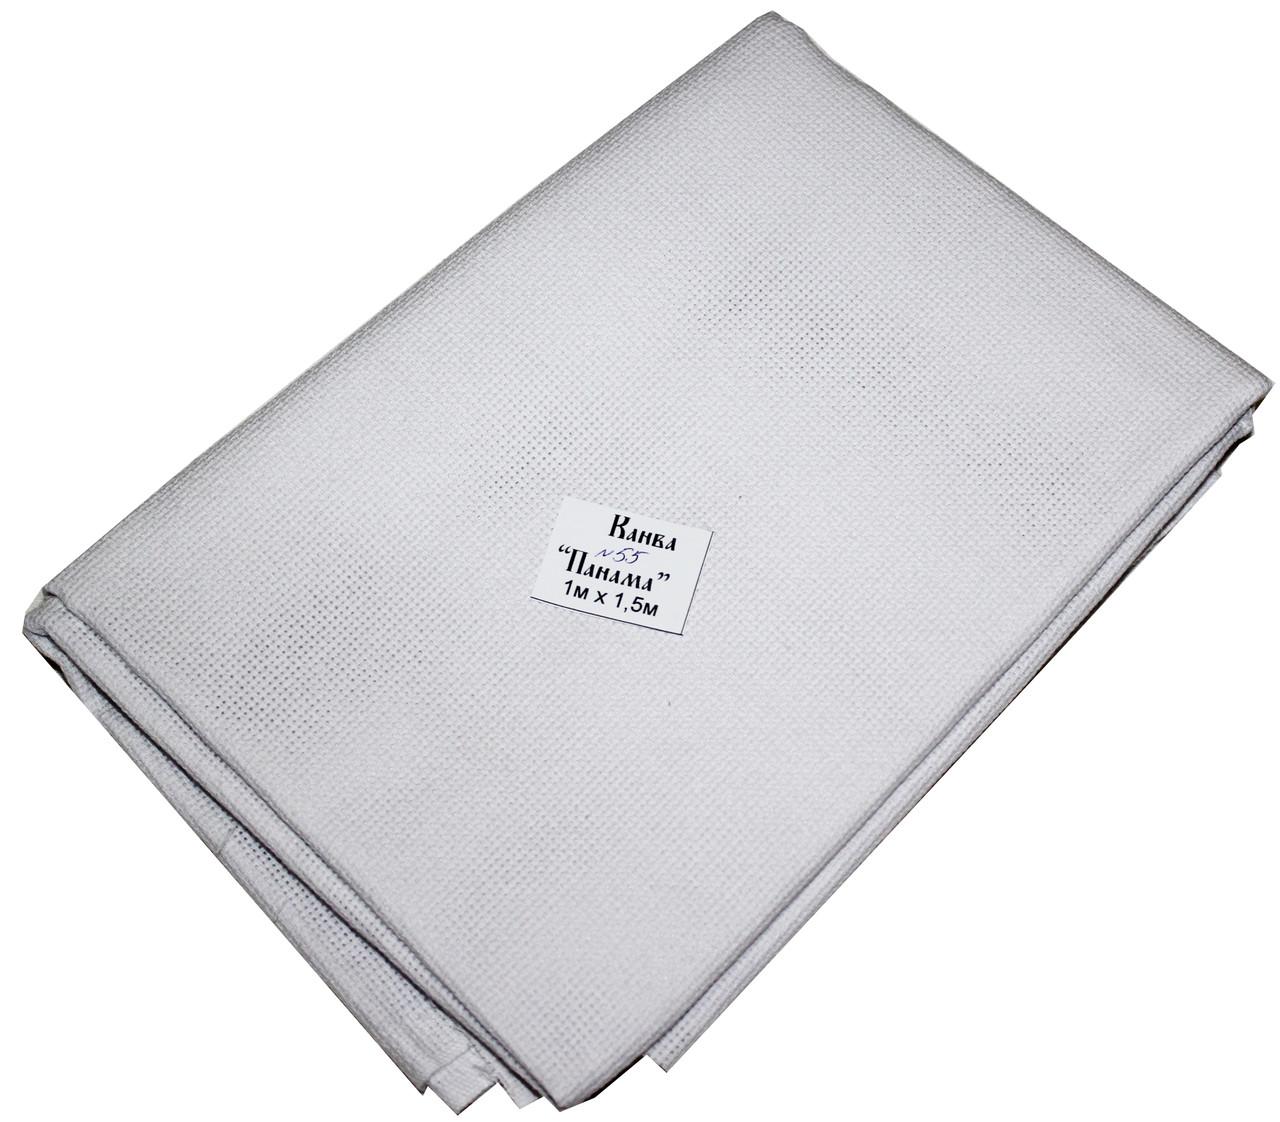 Канва для вышивания Панама №70 (70клеточек на 10см)